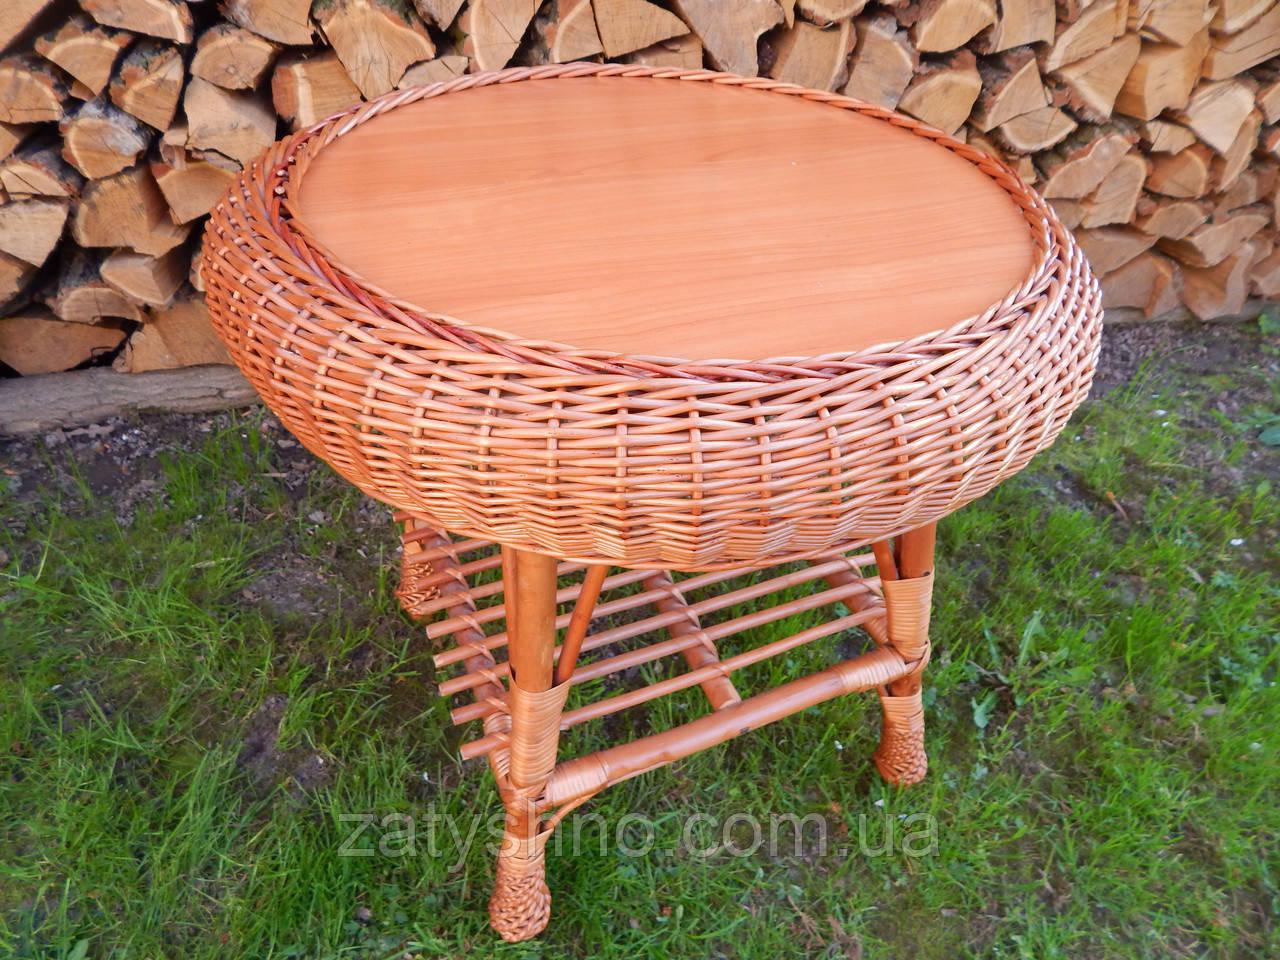 Журнальний плетений стіл 50 см в діаметрі